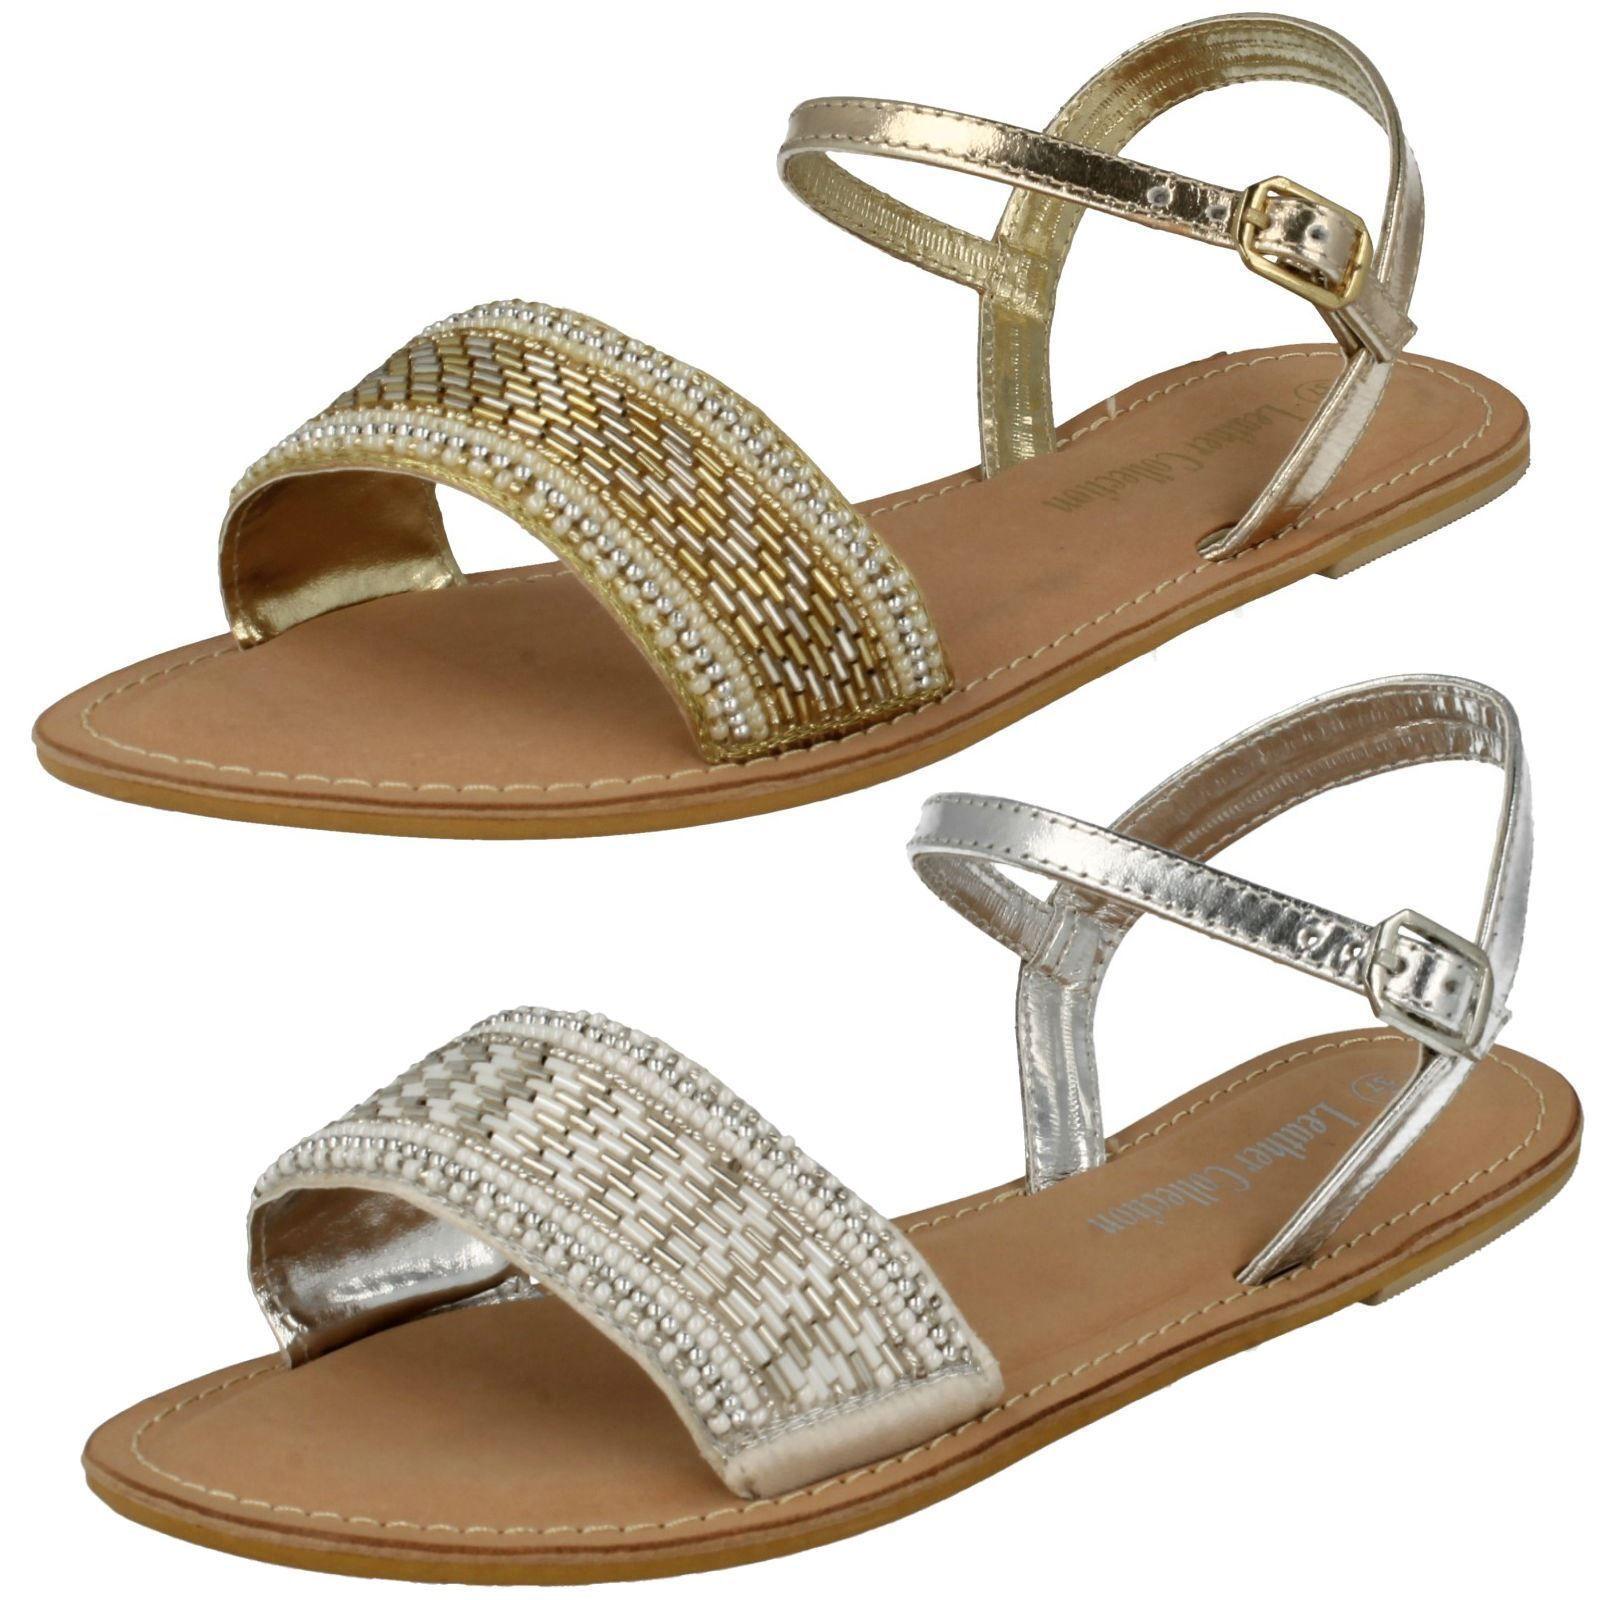 Da Donna Color misure Oro Leather Collection sandali misure Color F0896 293e1b